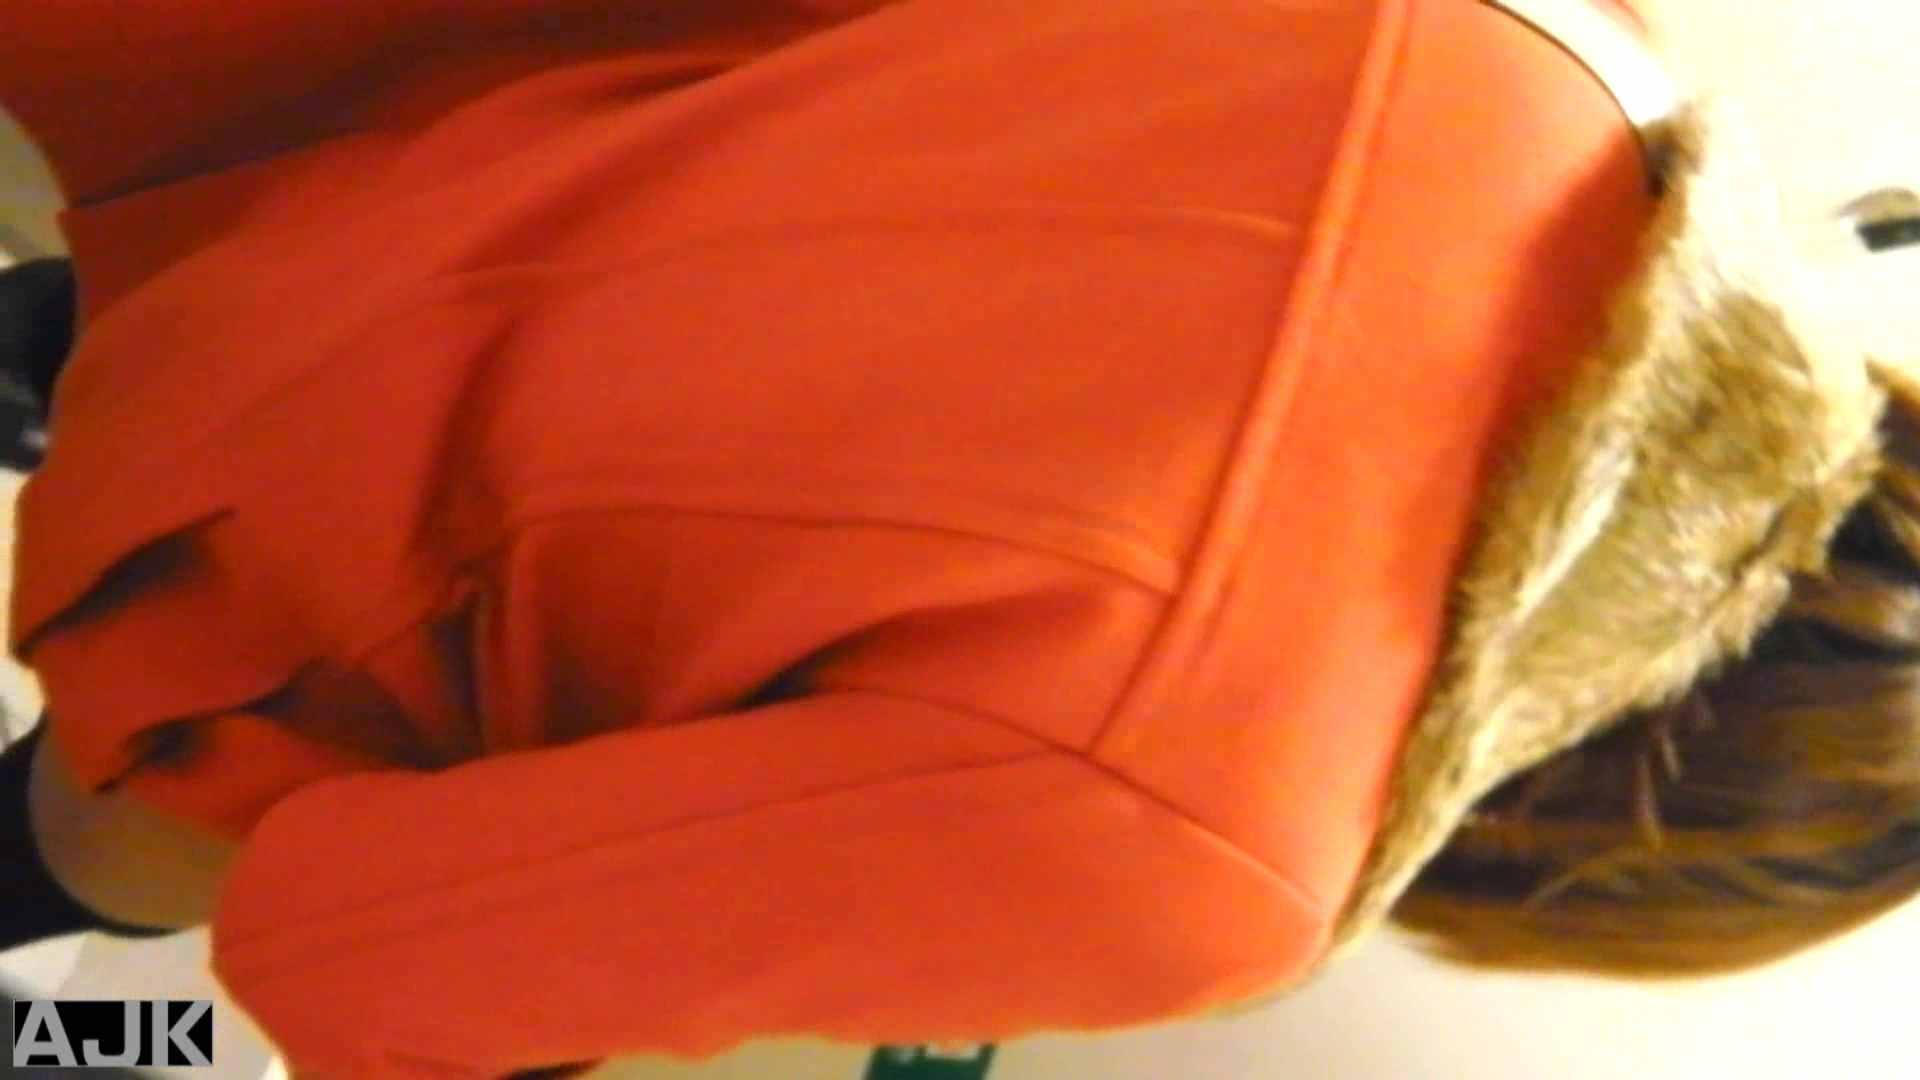 神降臨!史上最強の潜入かわや! vol.01 マンコ無修正 盗撮えろ無修正画像 89画像 11